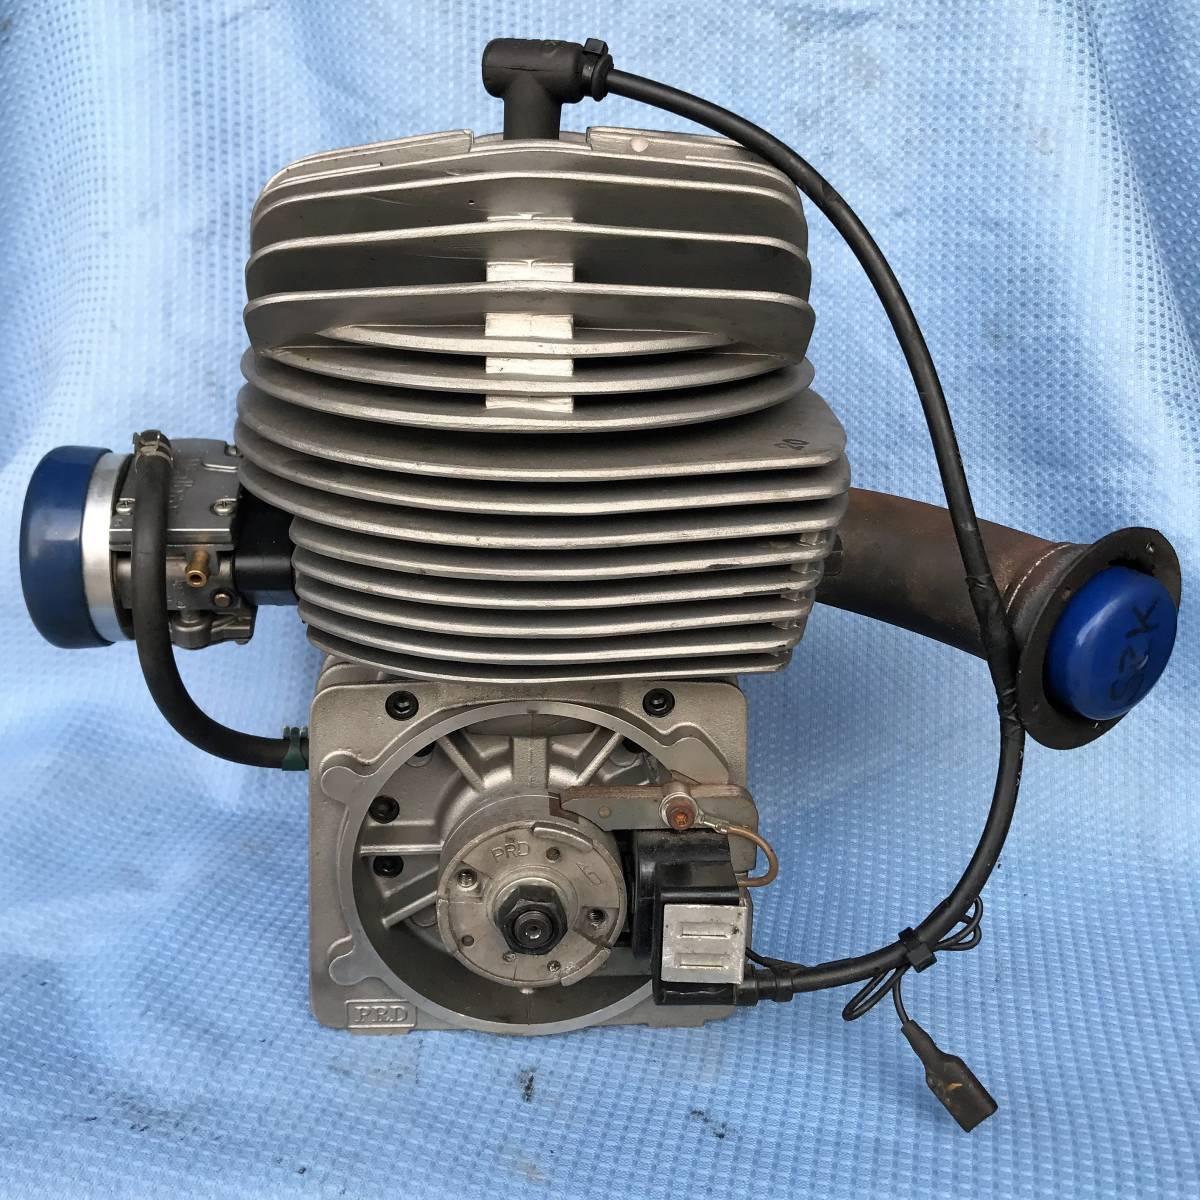 即決 PRD RK100 始動確認 エビデンスあり レーシングカート エンジン 周辺パーツもご用意できます_画像4